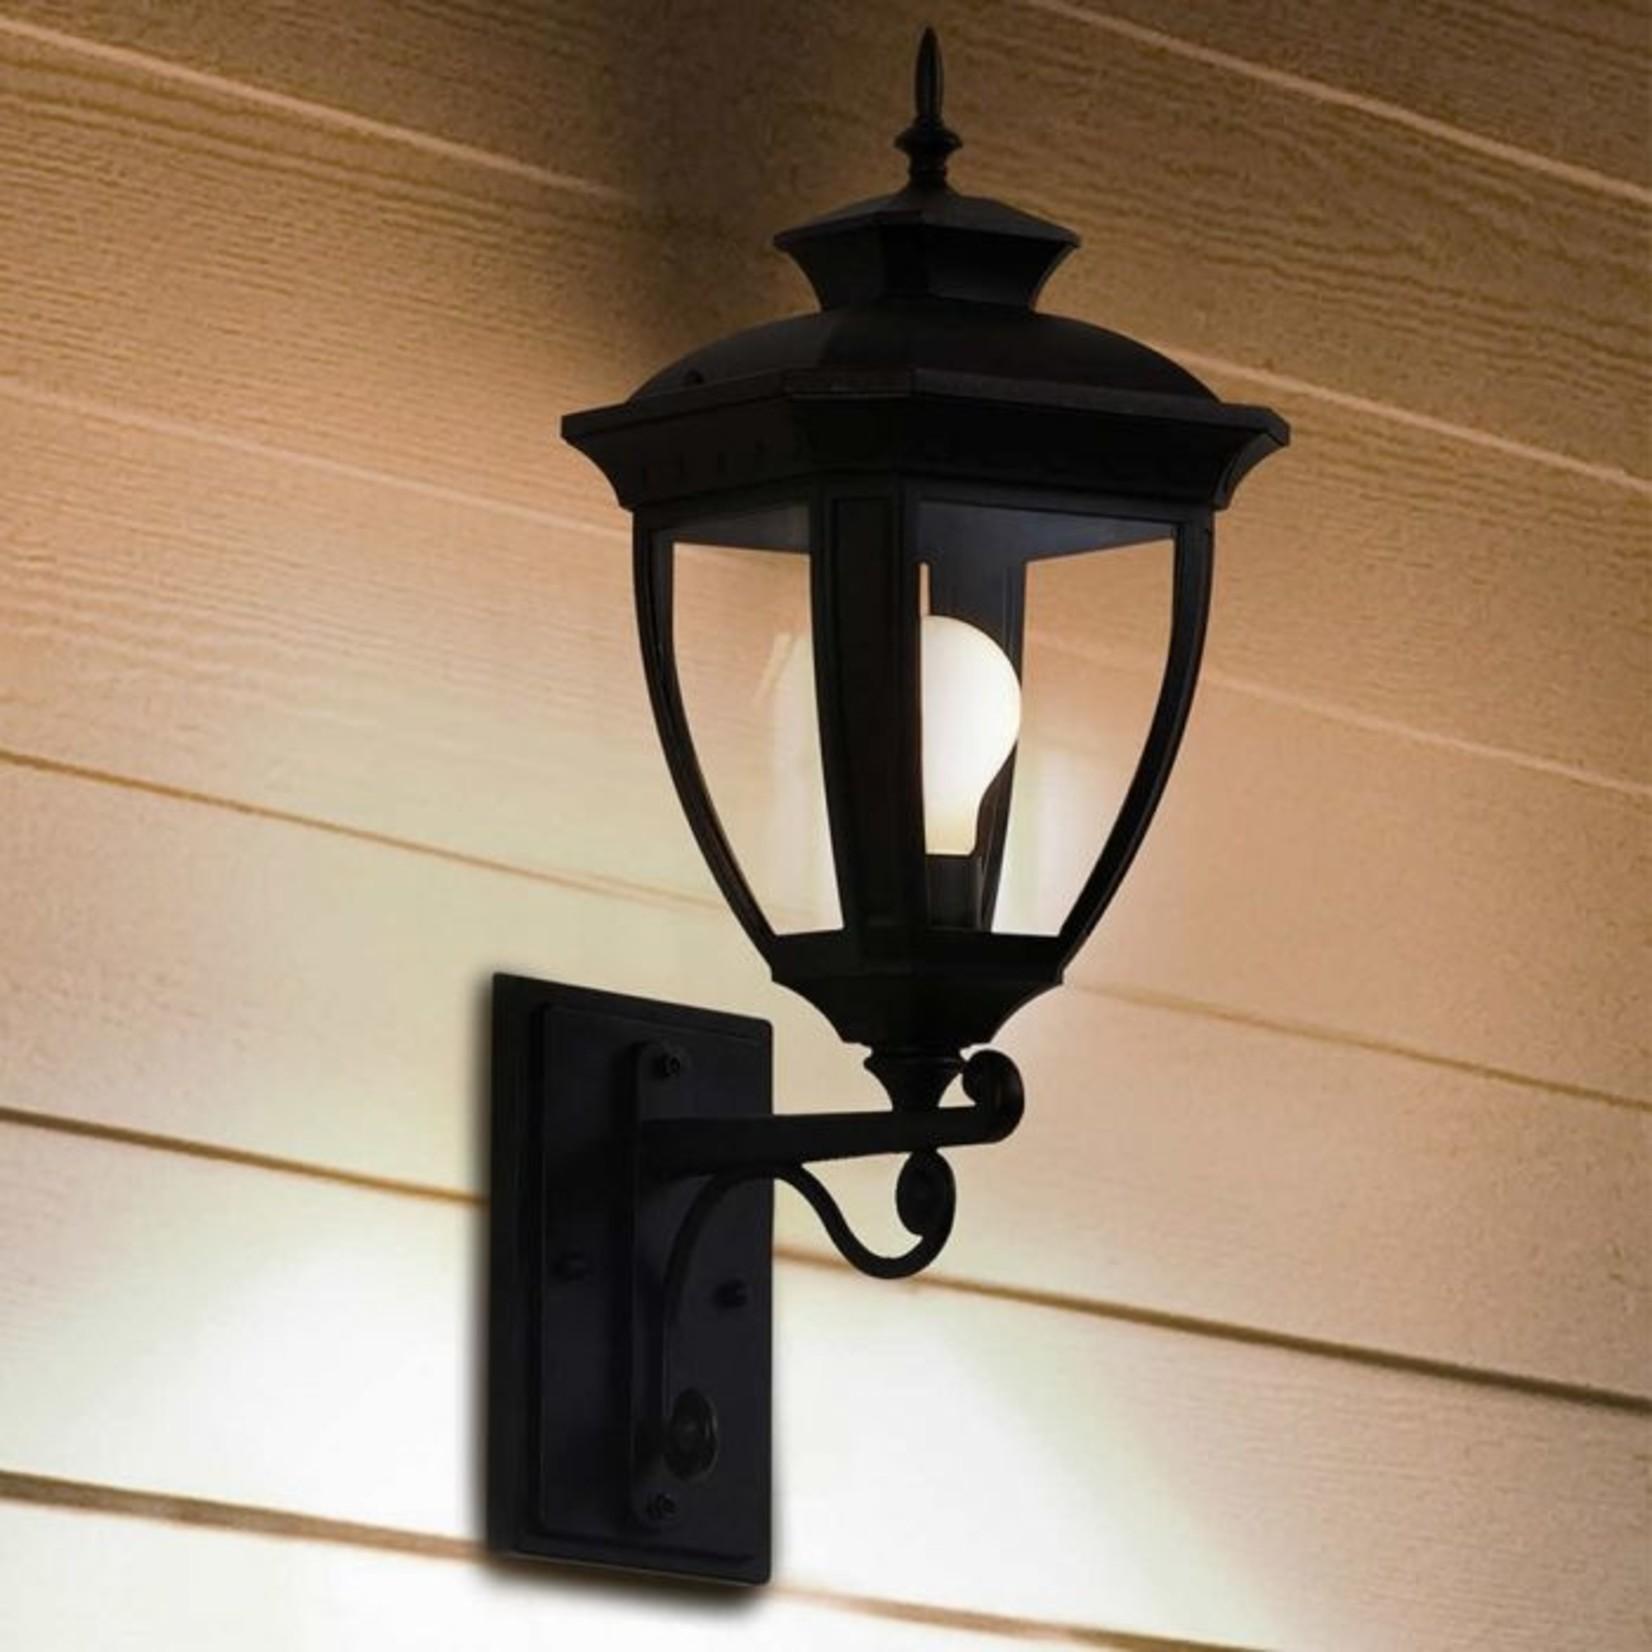 Luminaire extérieur Ove Alice noir